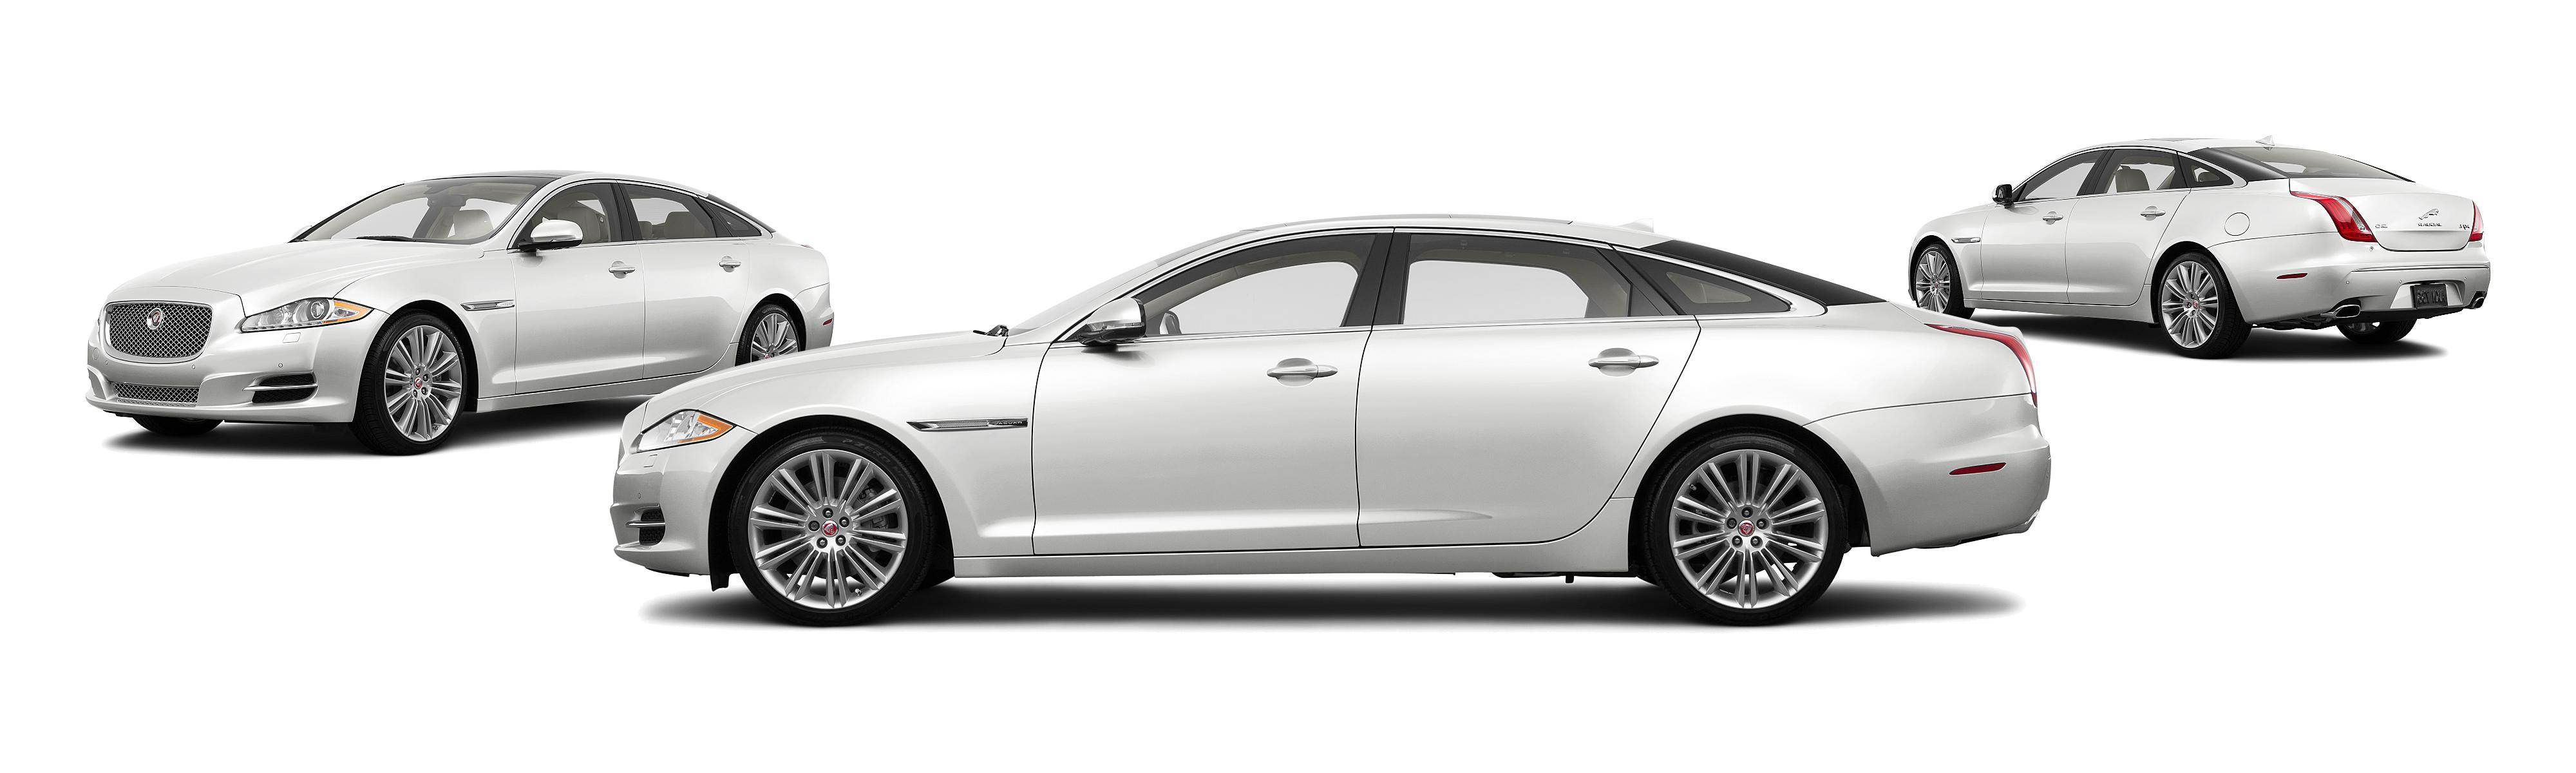 itself coup symphony jaguar f a drive car engine coupe r automobilians test review speed type